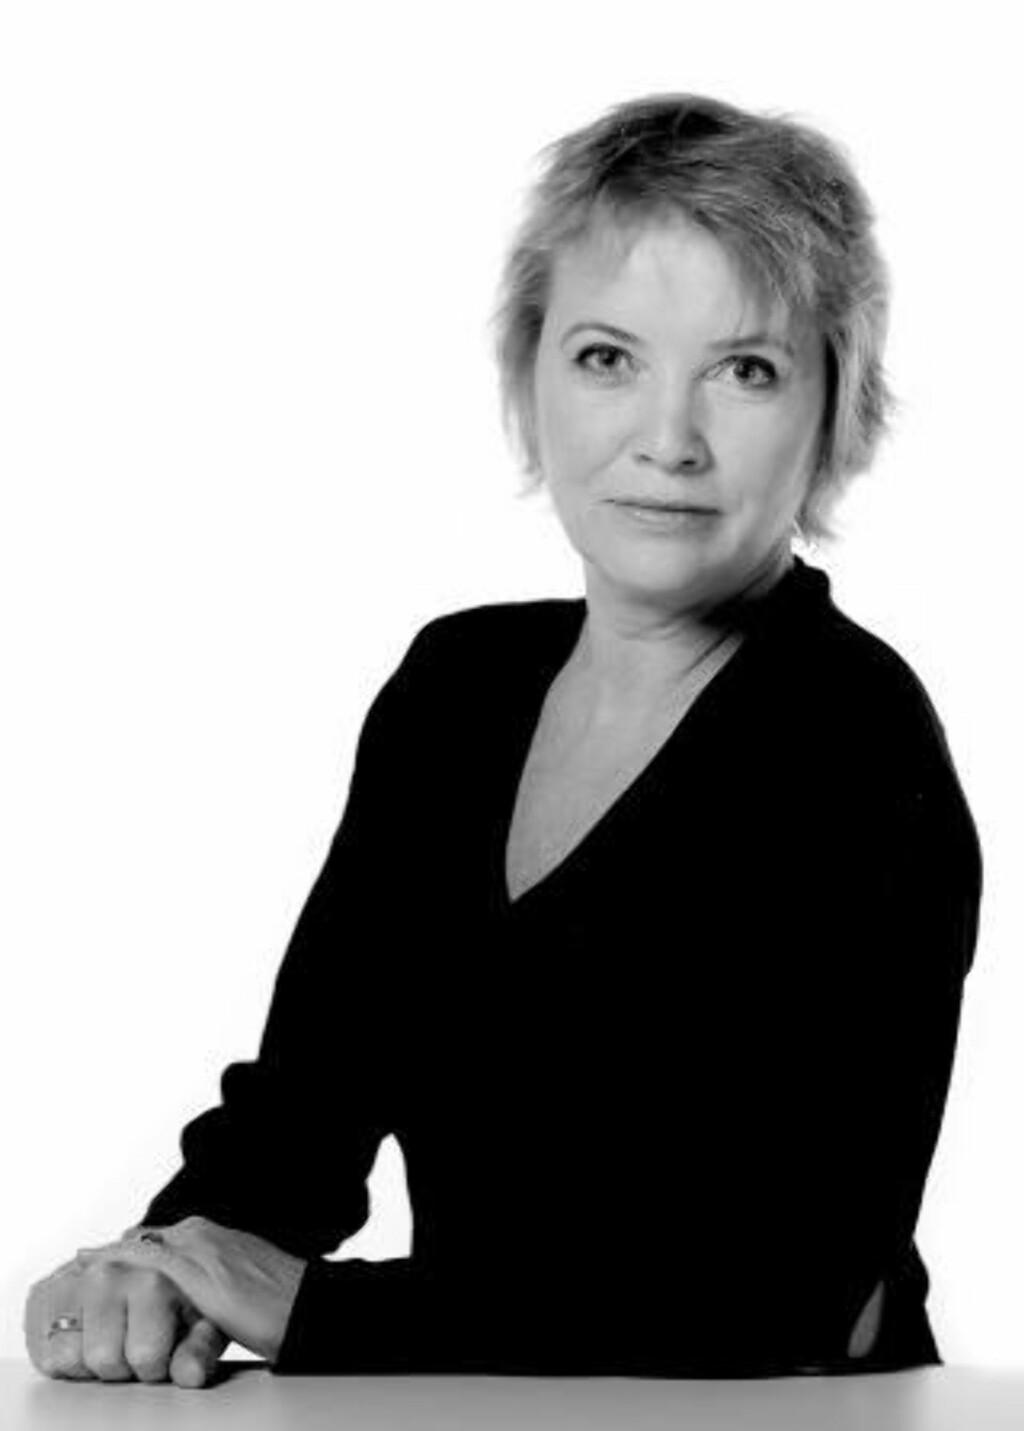 JENS HAR ET PROBLEM: Mener Dagbladets politiske redaktør Marie Simonsen.